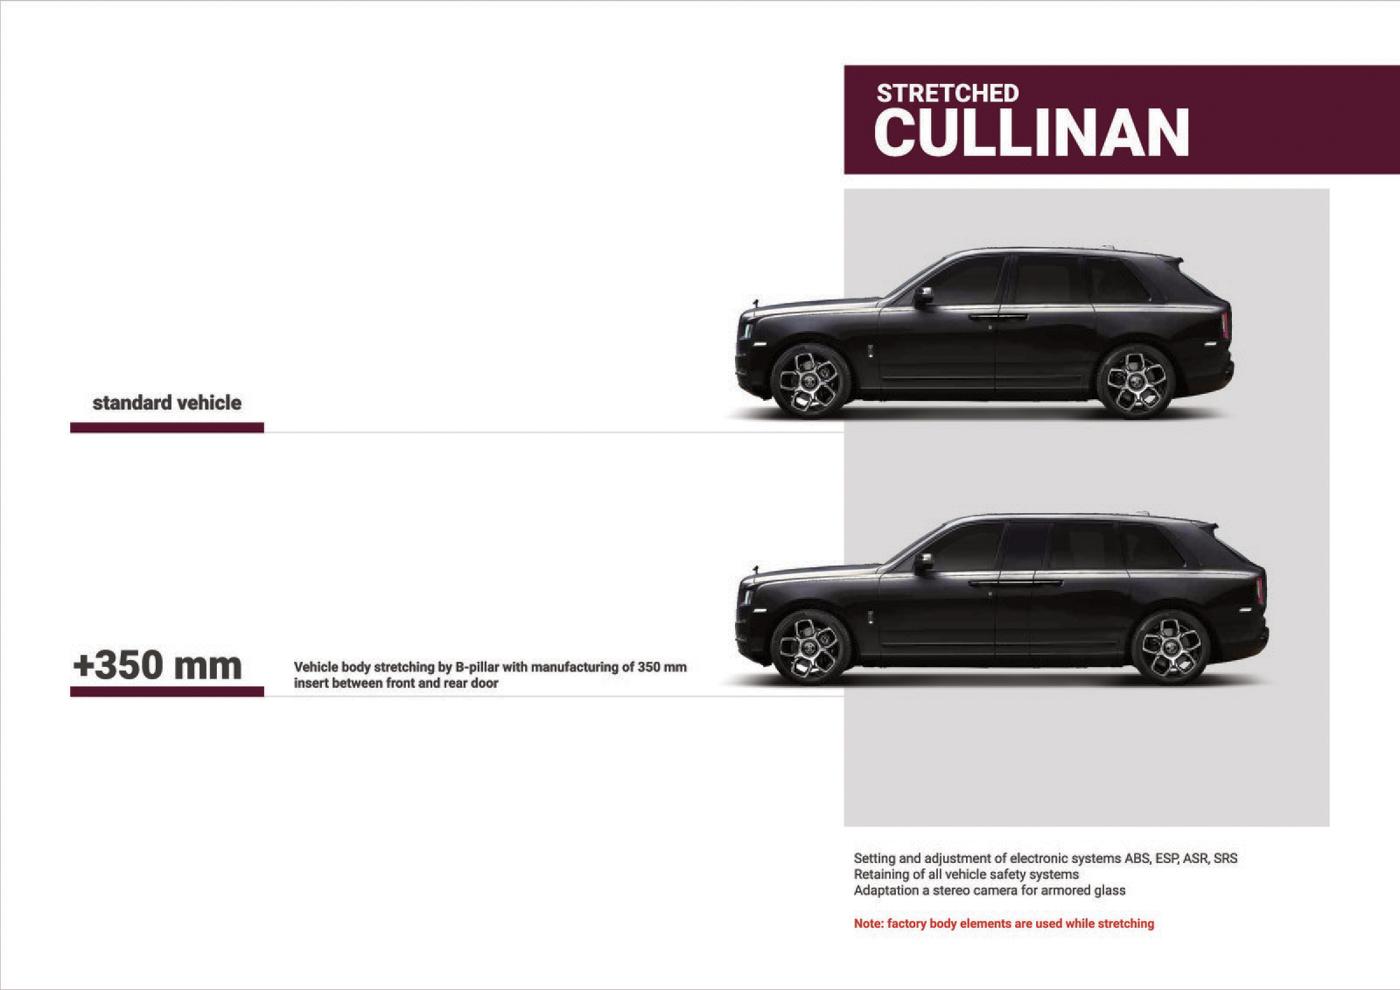 Kham-pha-sieu-phao-dai-rolls-royce-cullinan-do-limousine-cung-ao-giap-chong-dan-cuc-an-toan (9).JPG